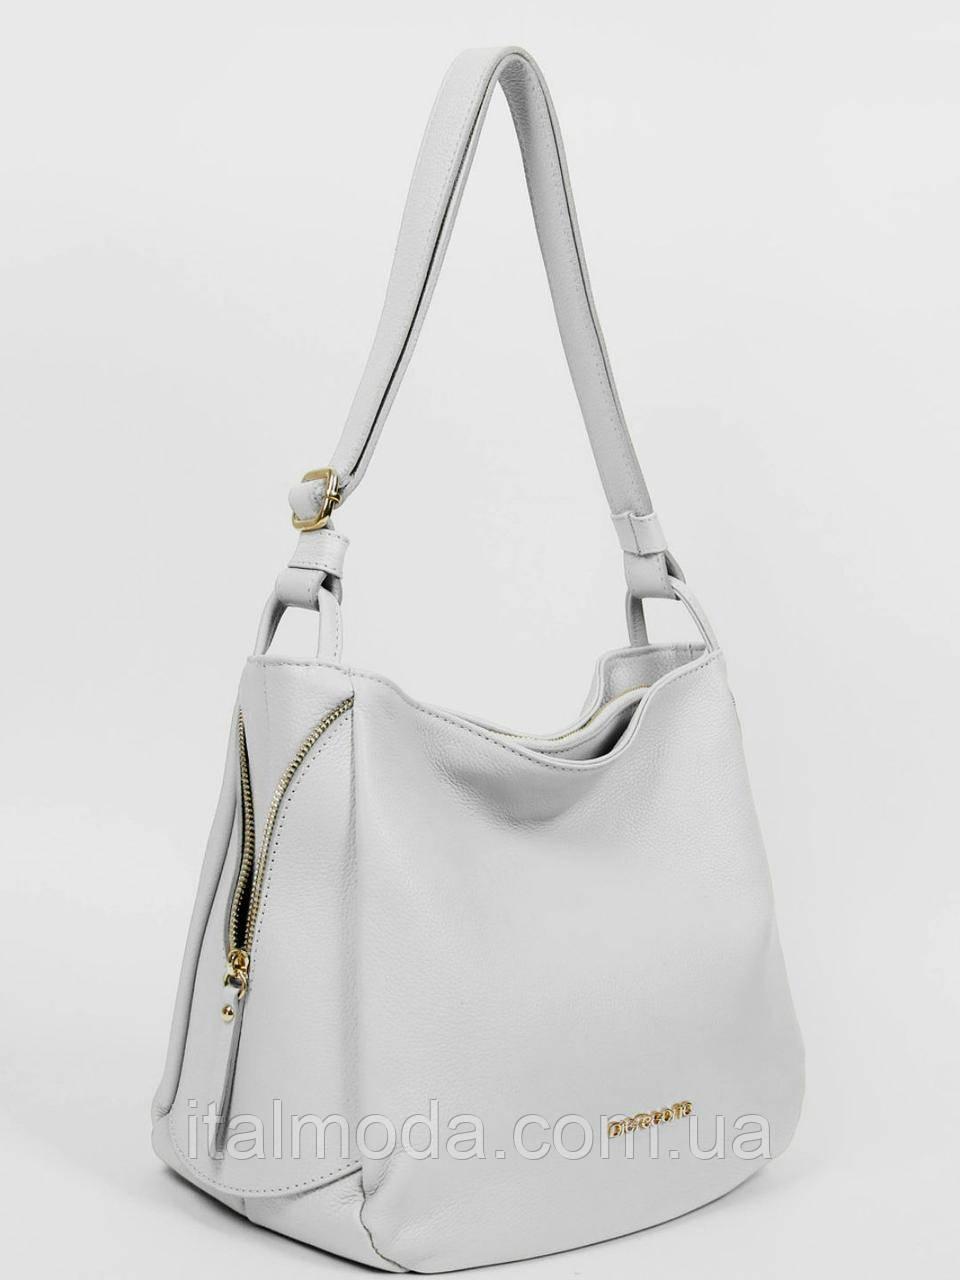 3f98c60ca8d6 Женская сумка Di Gregorio 8616, цена 5 880 грн., купить в Киеве ...